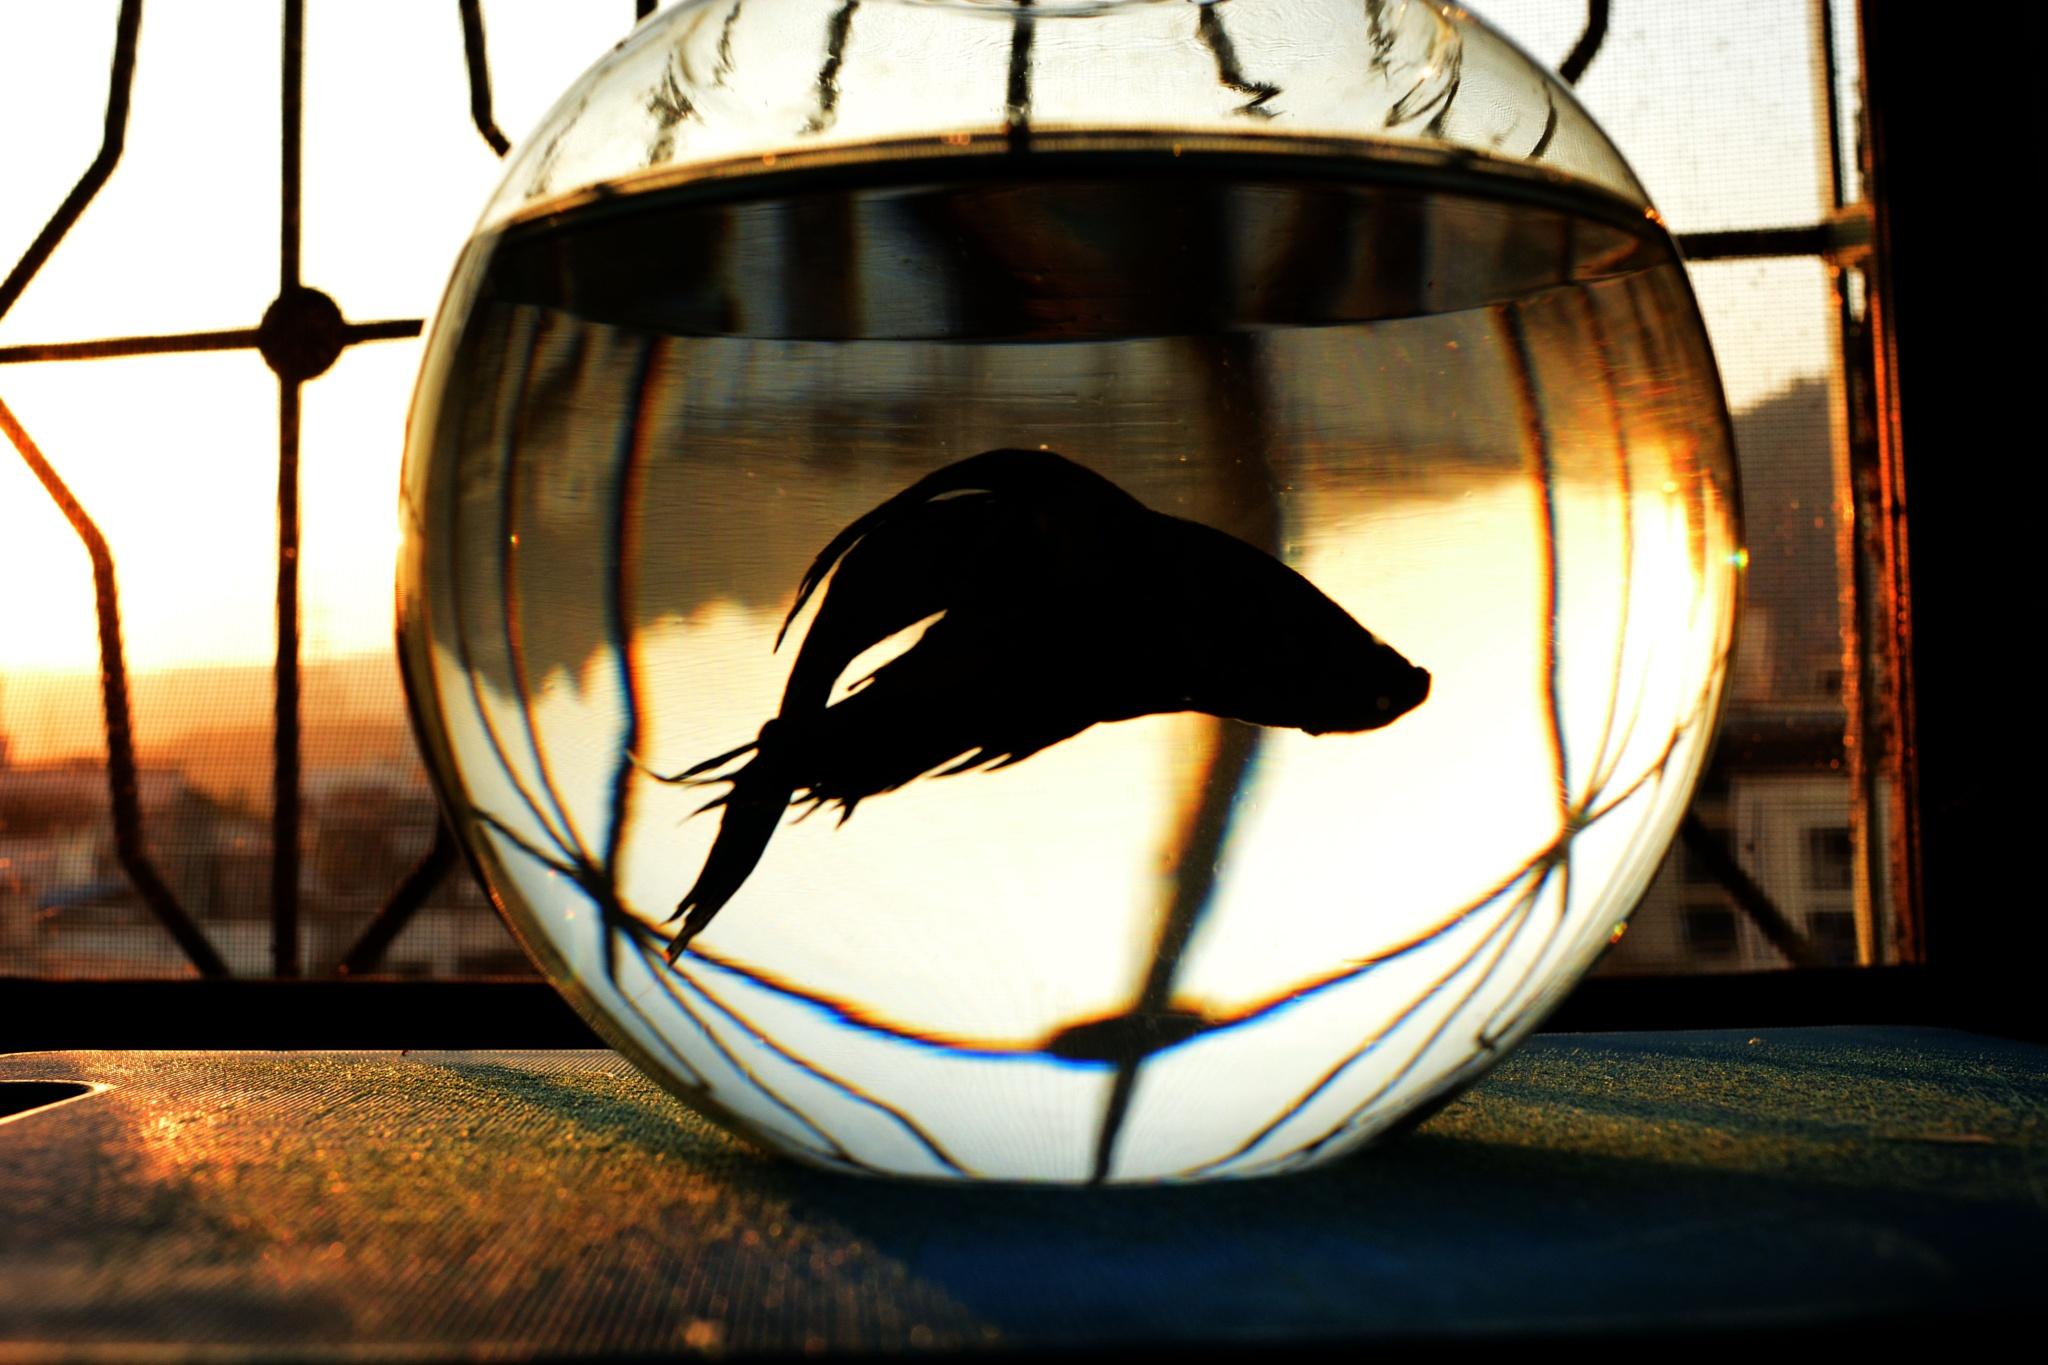 silhouette by DIPTY KUMARI